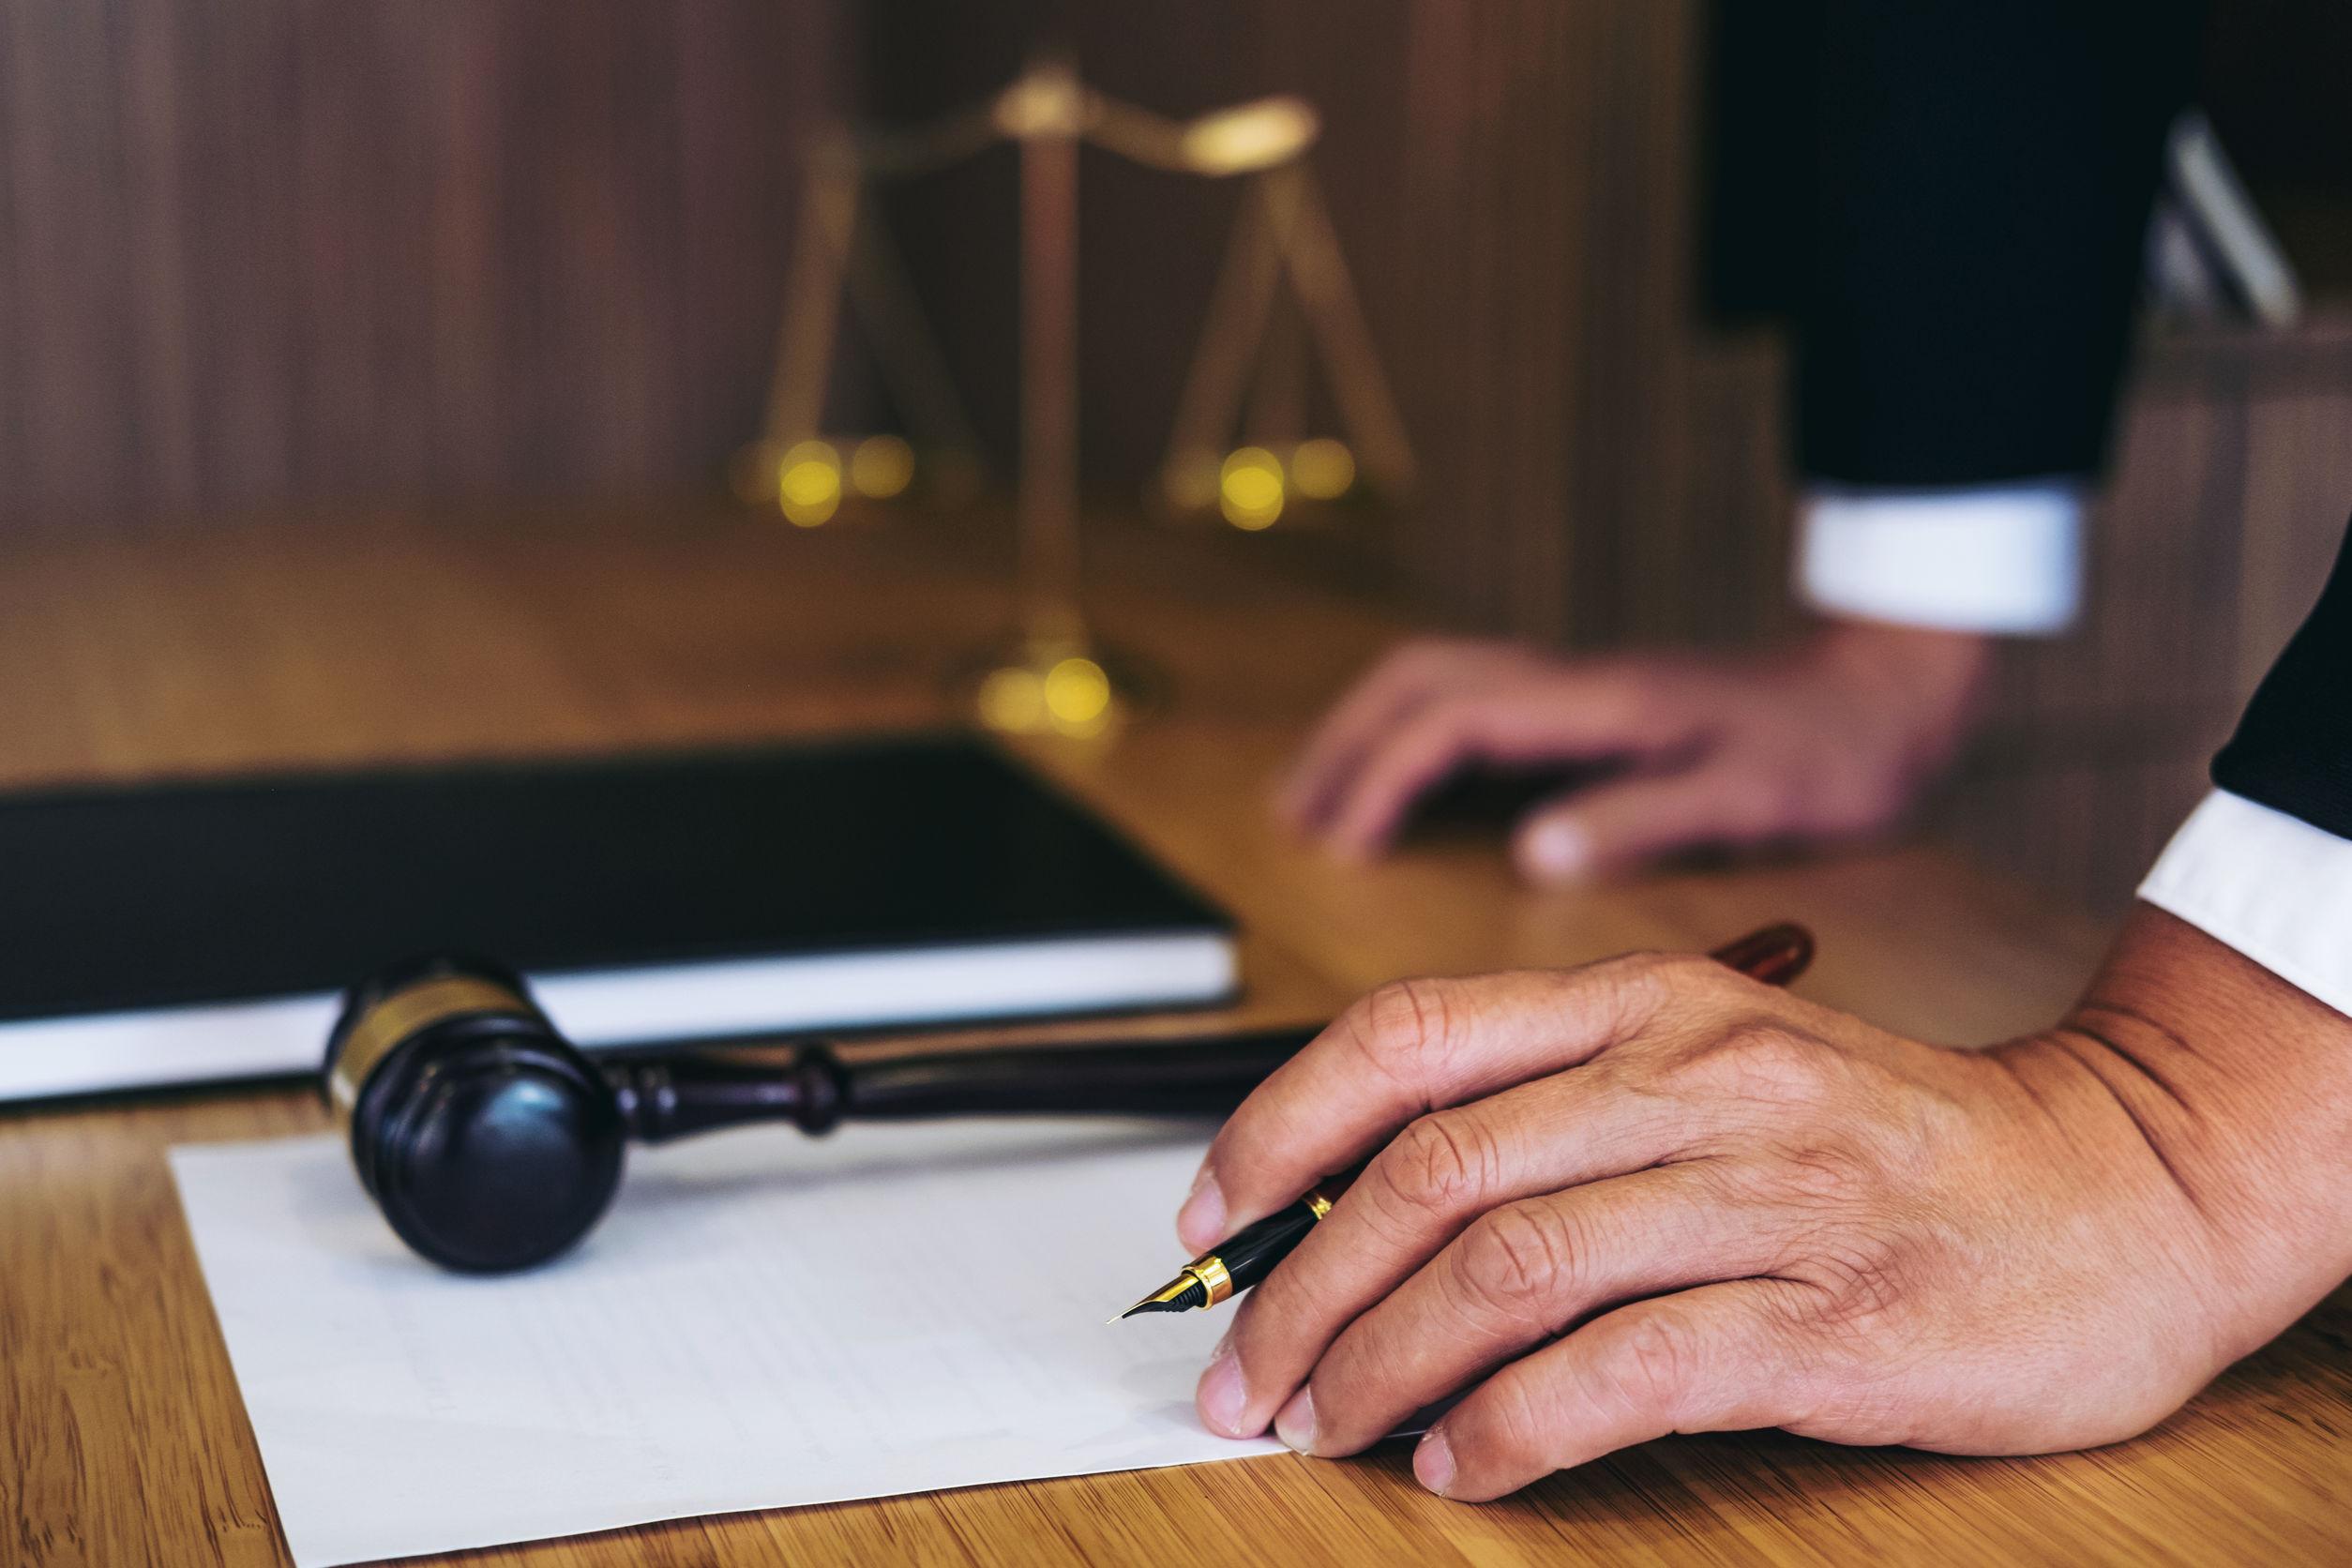 USR şi PNL au sesizat Curtea Constituţională asupra modificării Legii medierii şi Legii prevenirii faptelor de corupţie